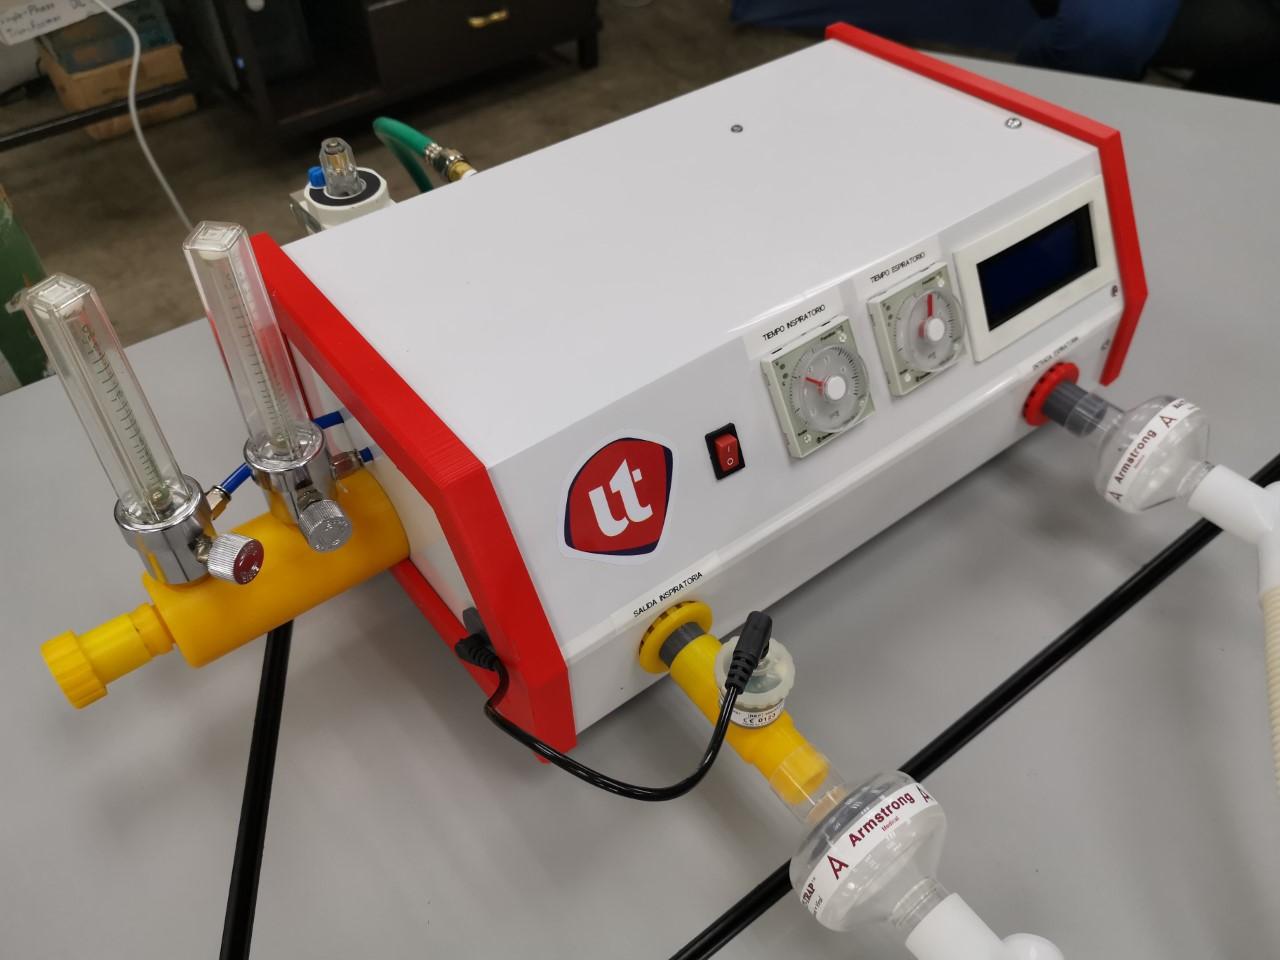 Ingenieros de UNITEC desarrollan prototipo de ventilador mecánico pulmonar para pacientes con COVID-19 en Honduras